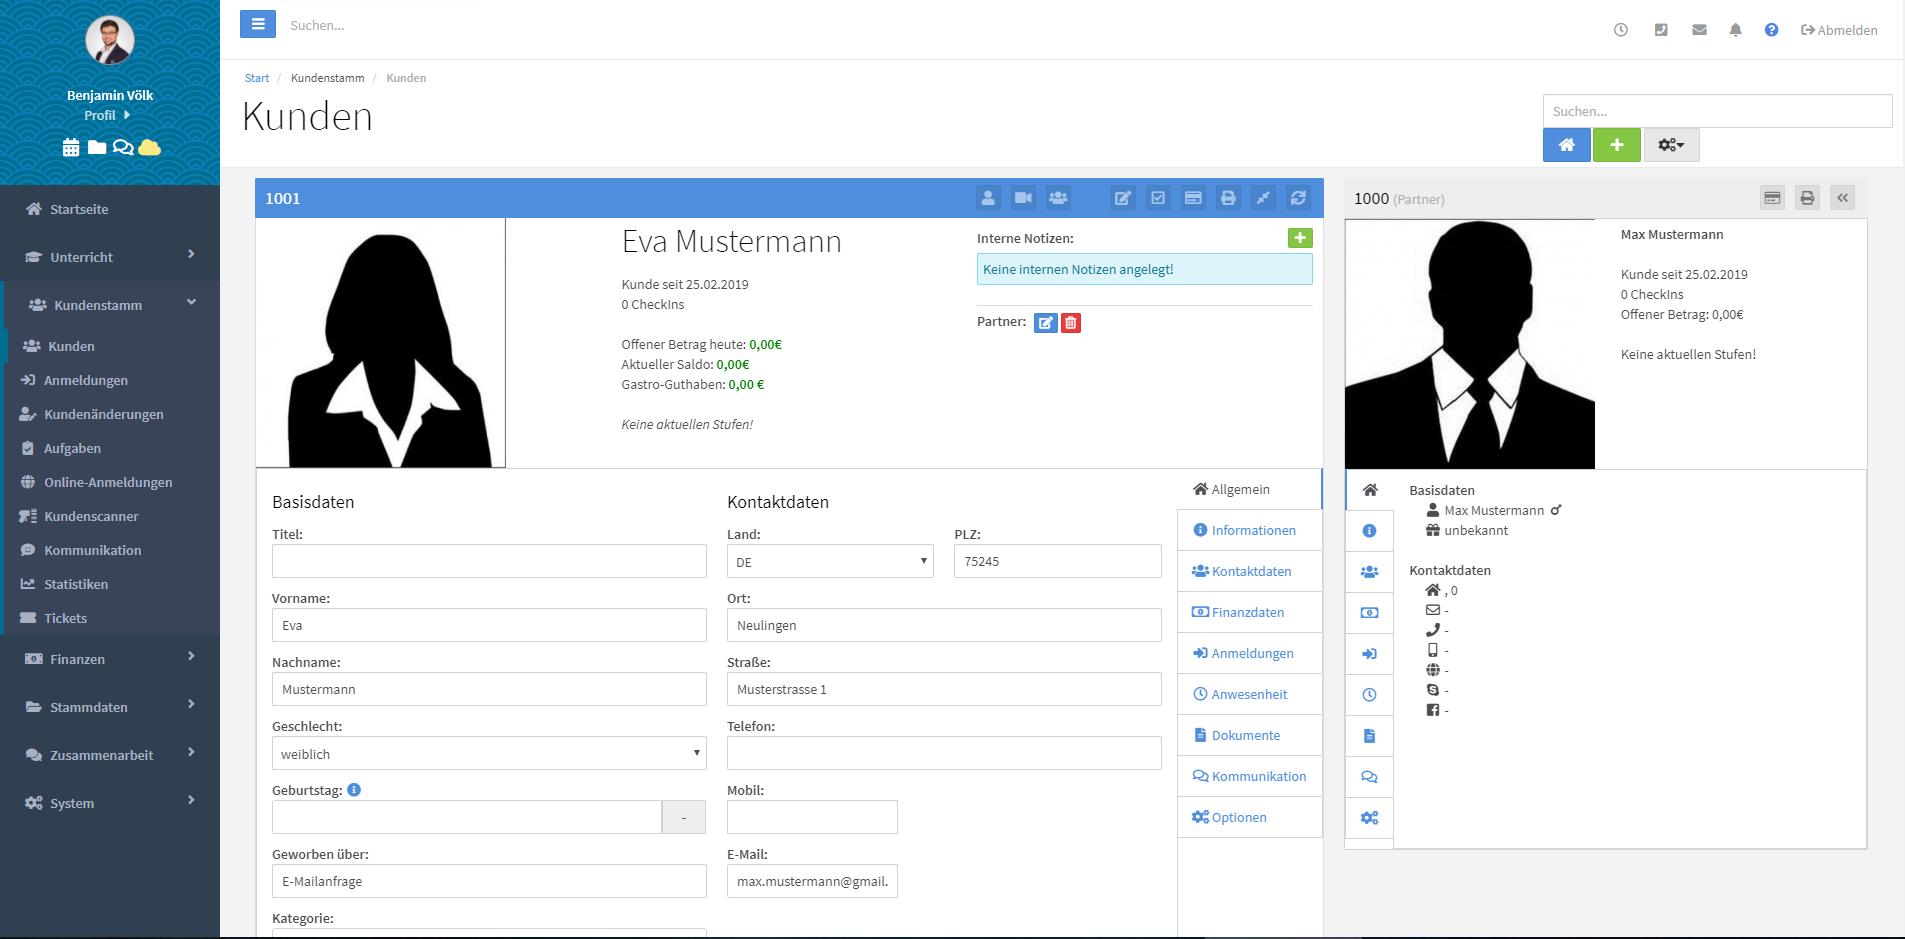 nimbuscloud - Dokumente und Rechnungen von Kunden